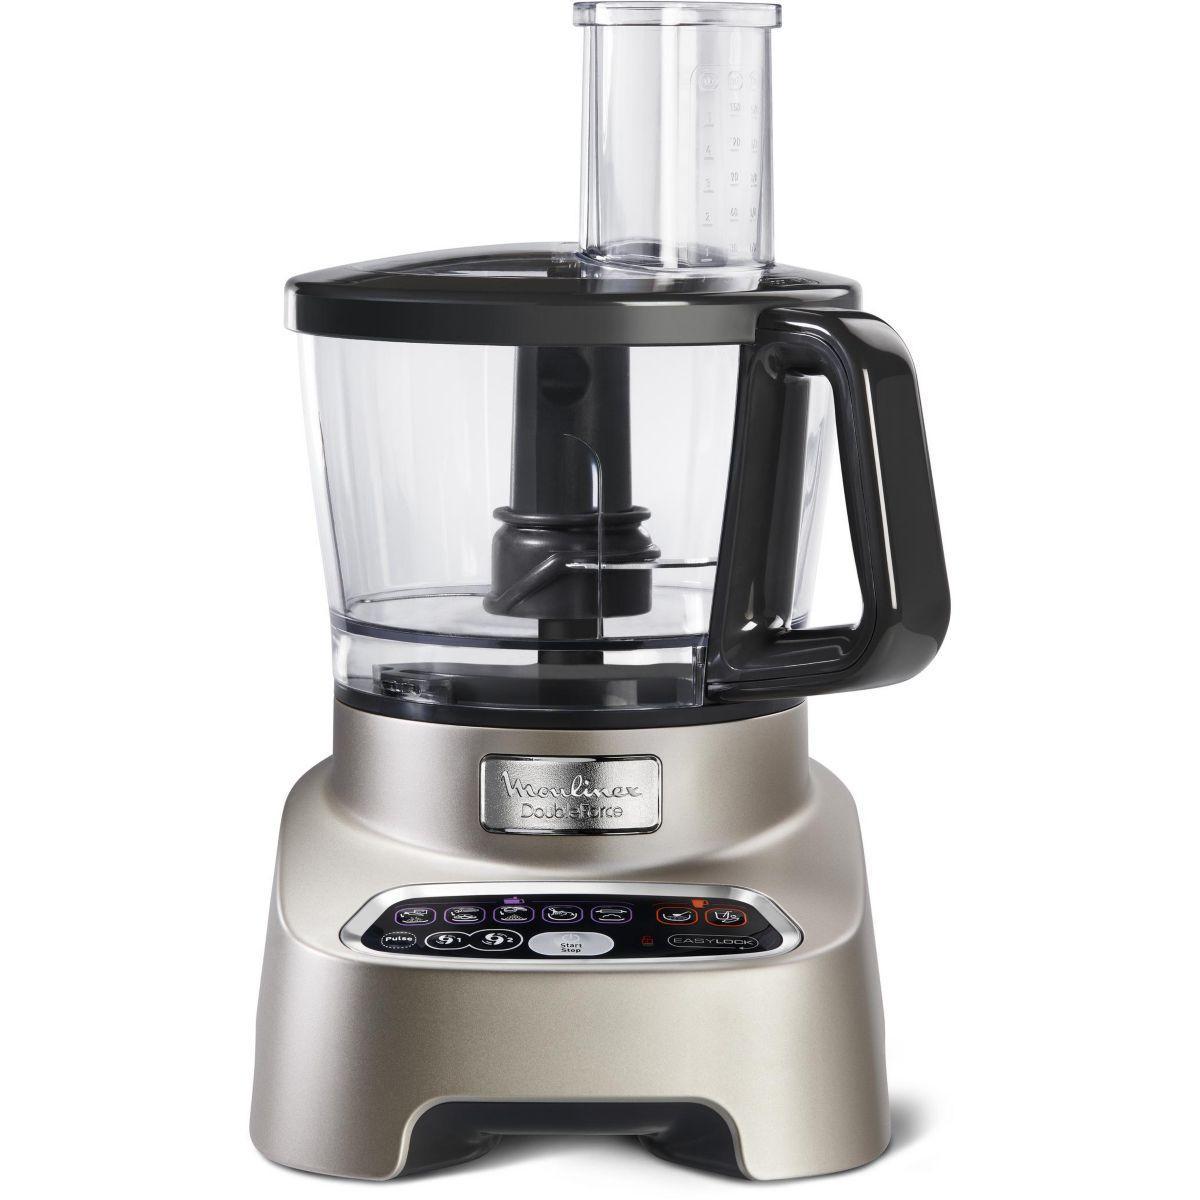 Multifunktions-Küchenmaschine MOULINEX FP826H10 Schwarz